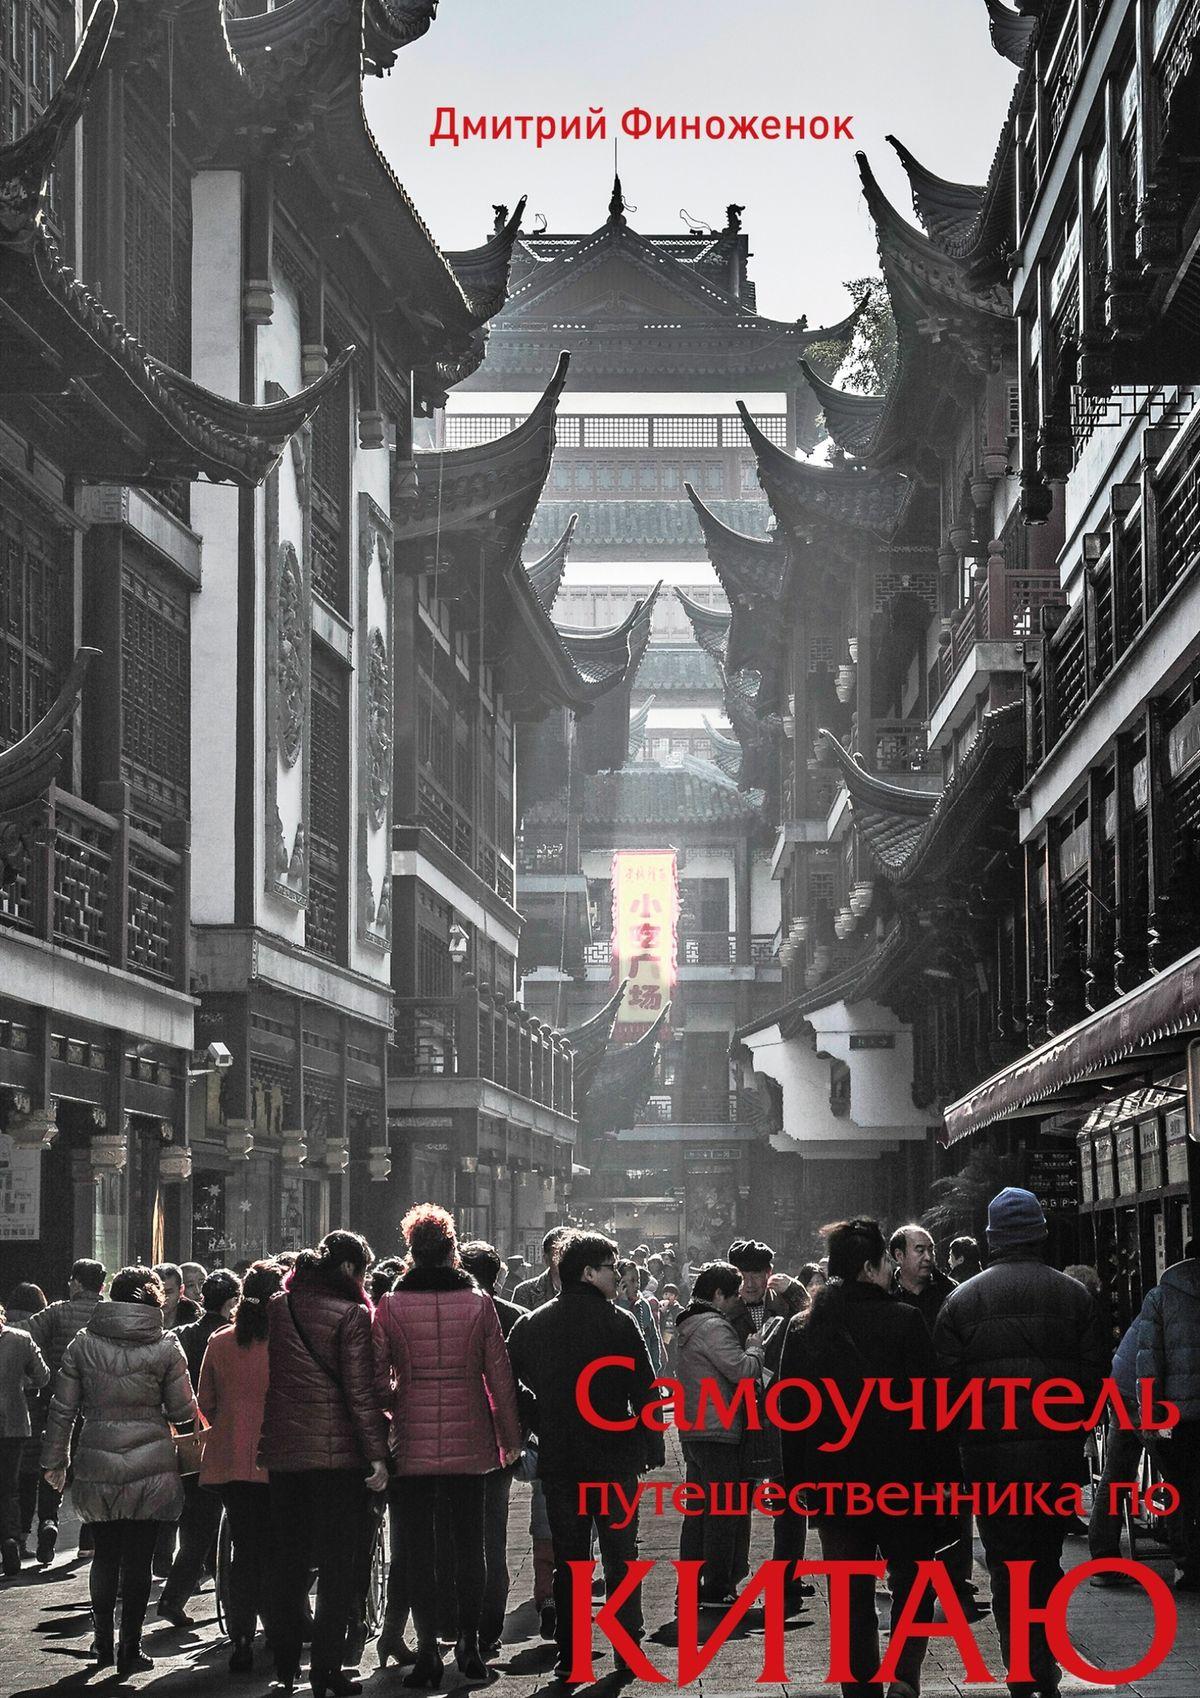 Дмитрий Финоженок Самоучитель путешественника по Китаю